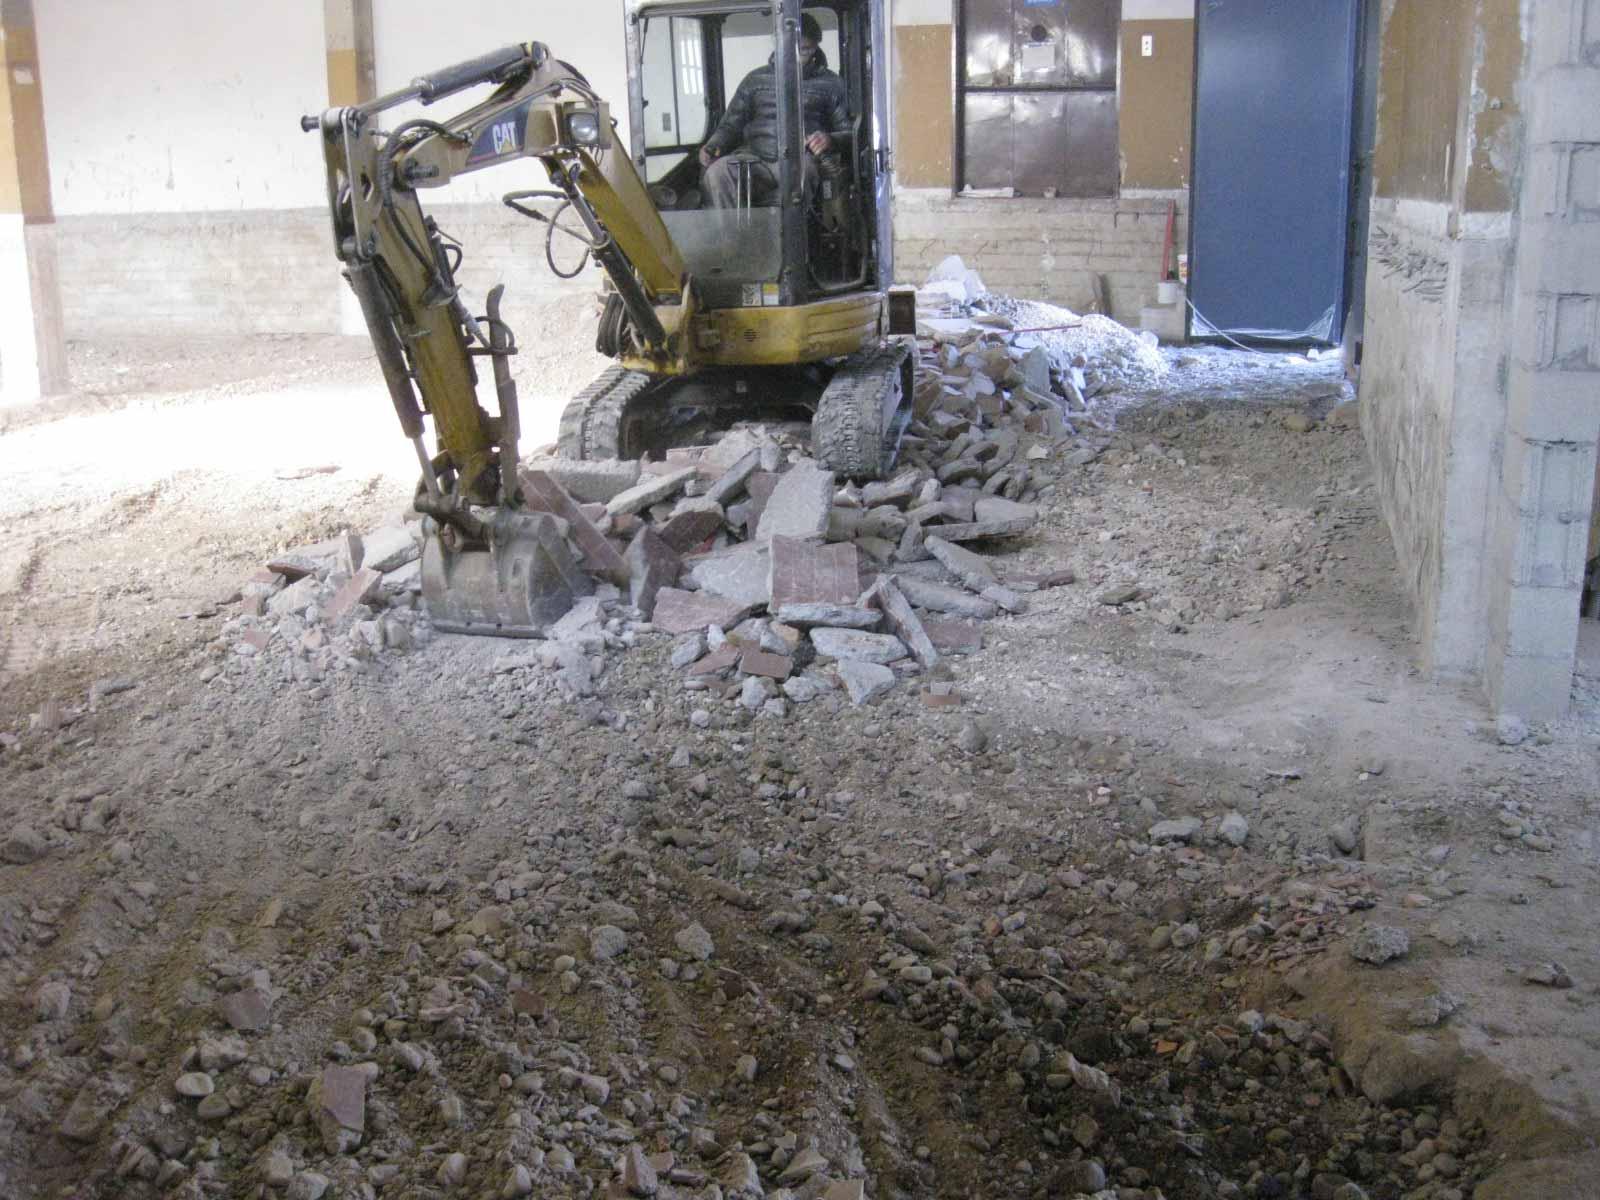 Servizi rivolti agli operatori del settore edile allo scopo di fornire un valido supporto gestionale e degli adempimenti burocratici.